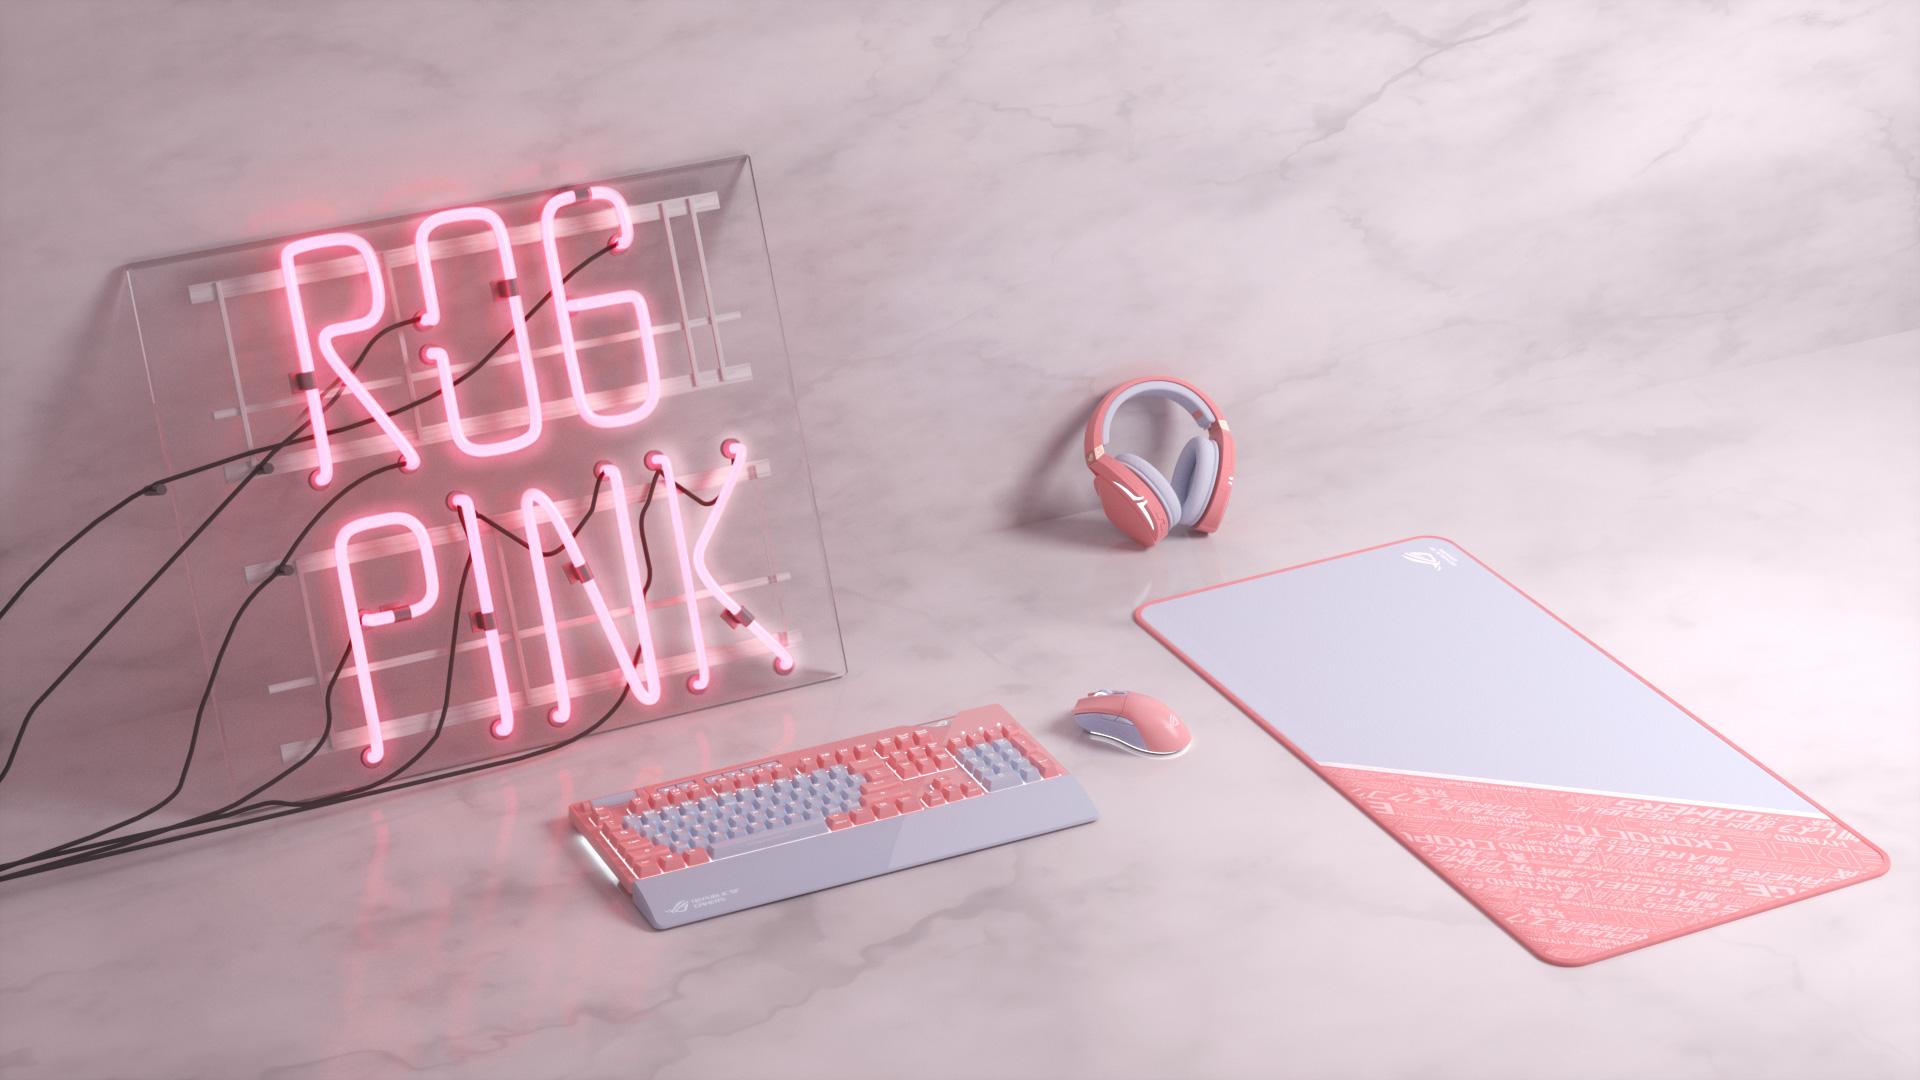 ROG PINK - Yêu màu hồng ghét sự giả dối